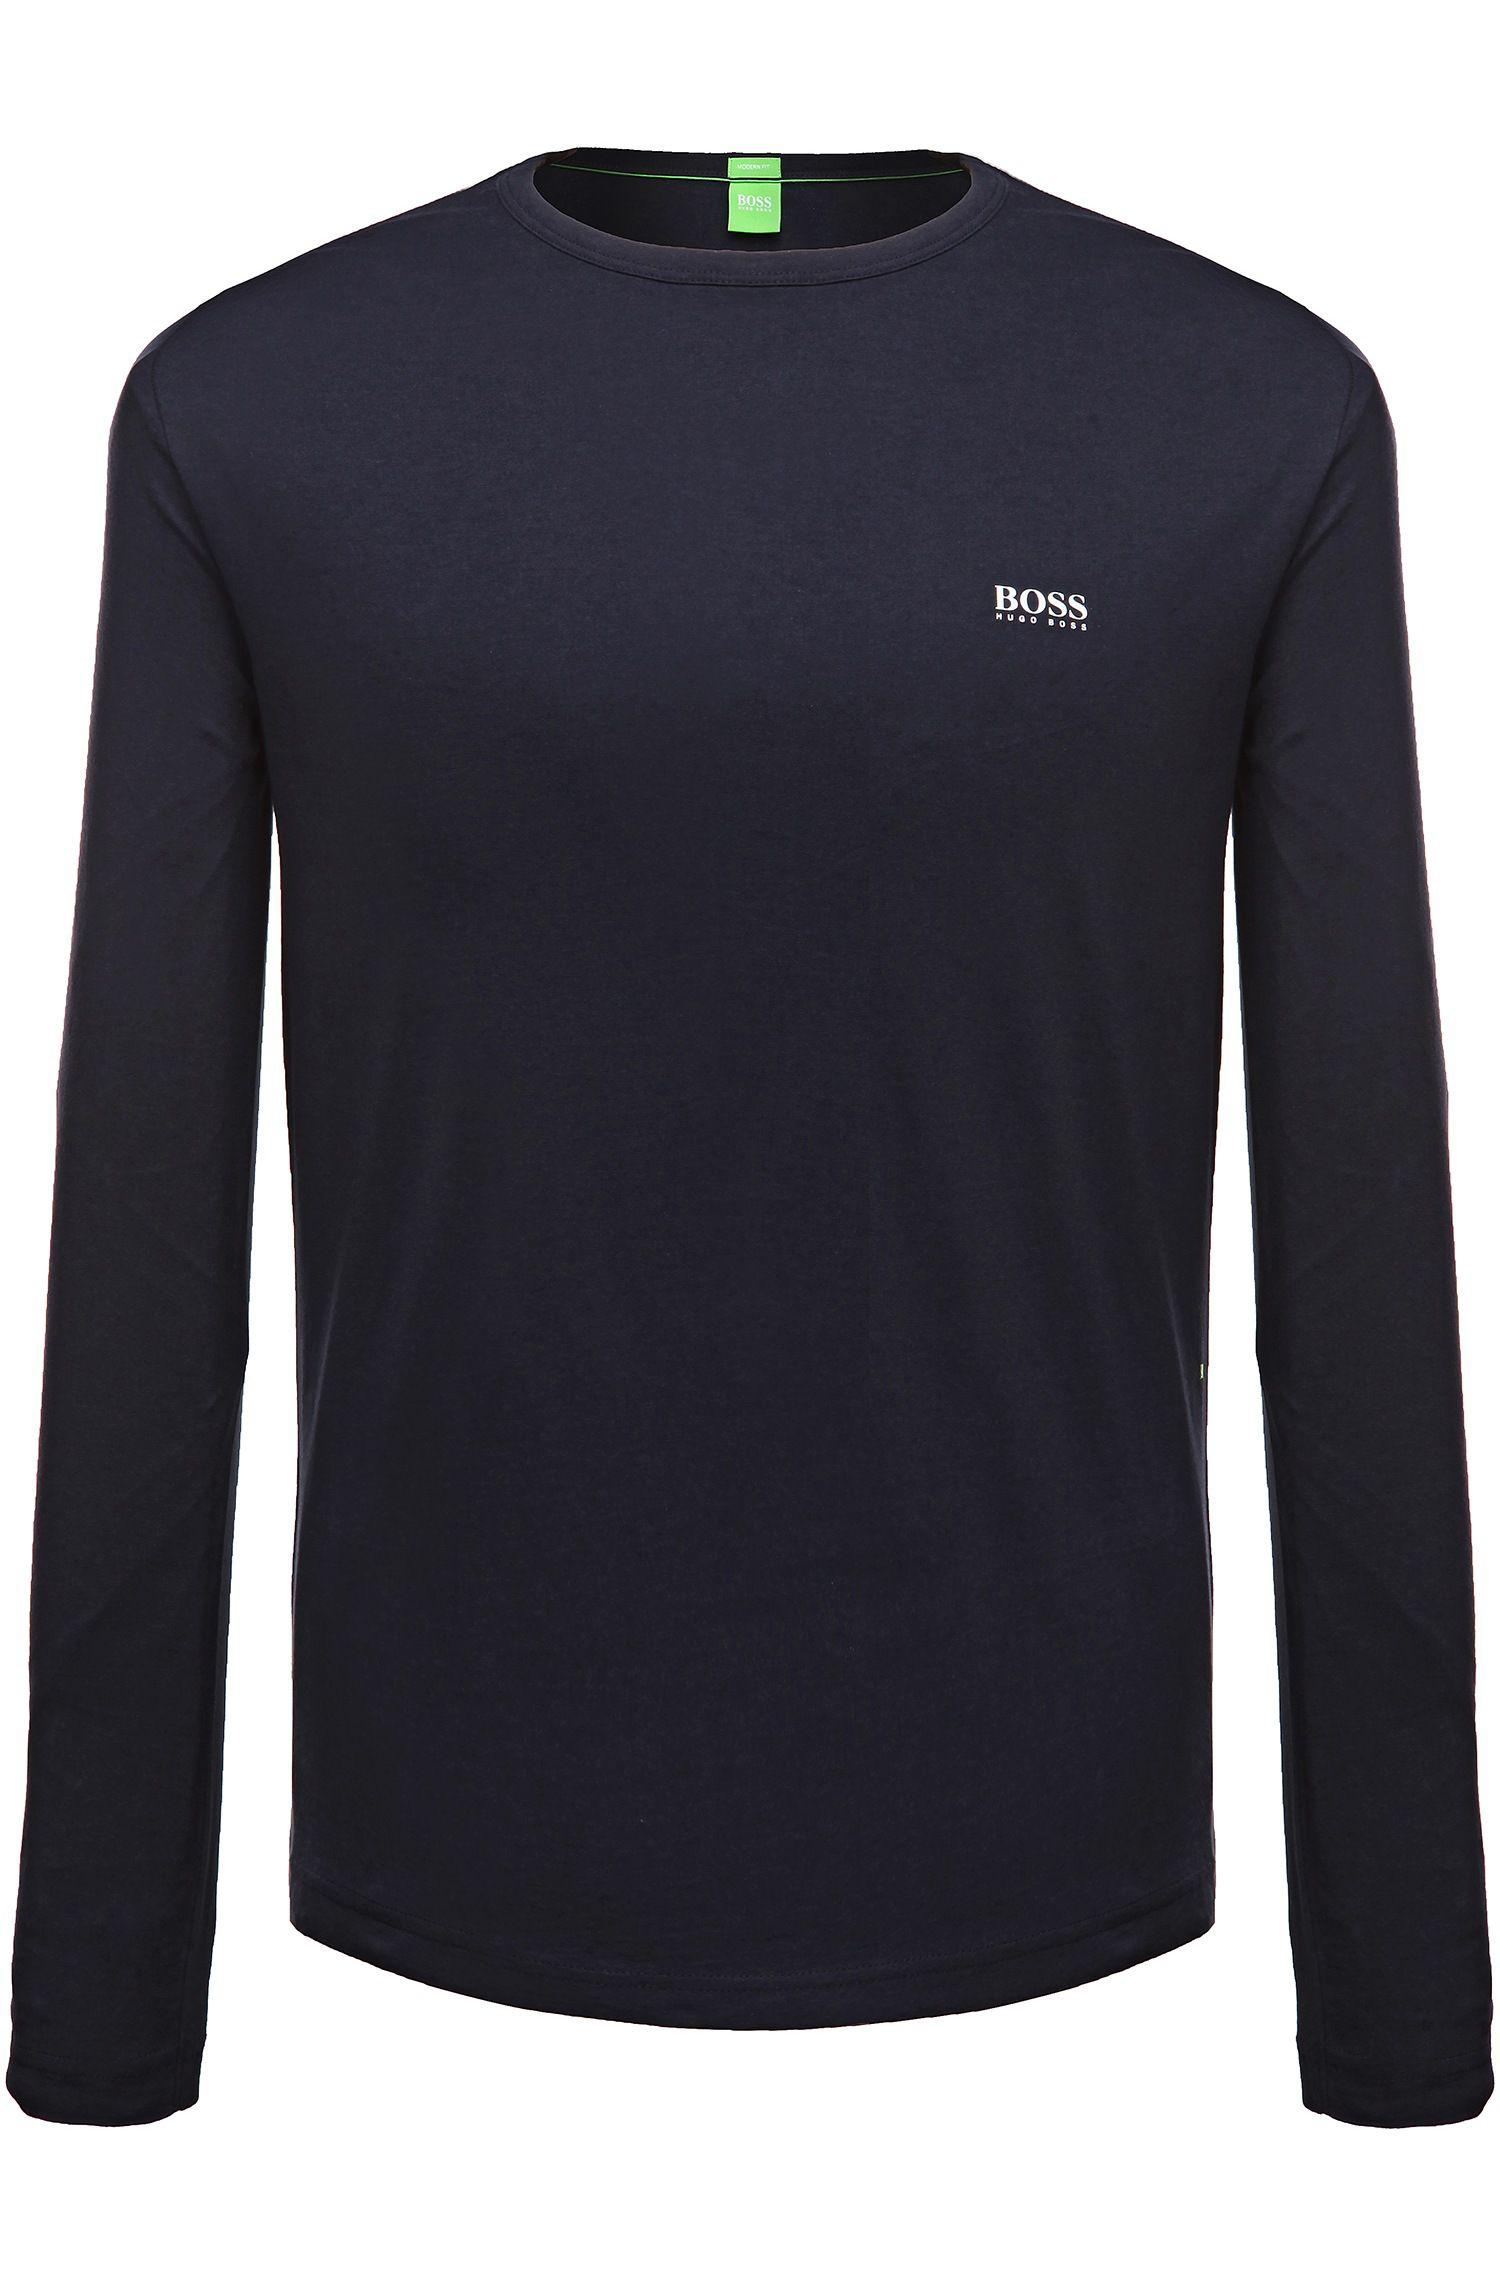 Regular-fit long-sleeved cotton T-shirt